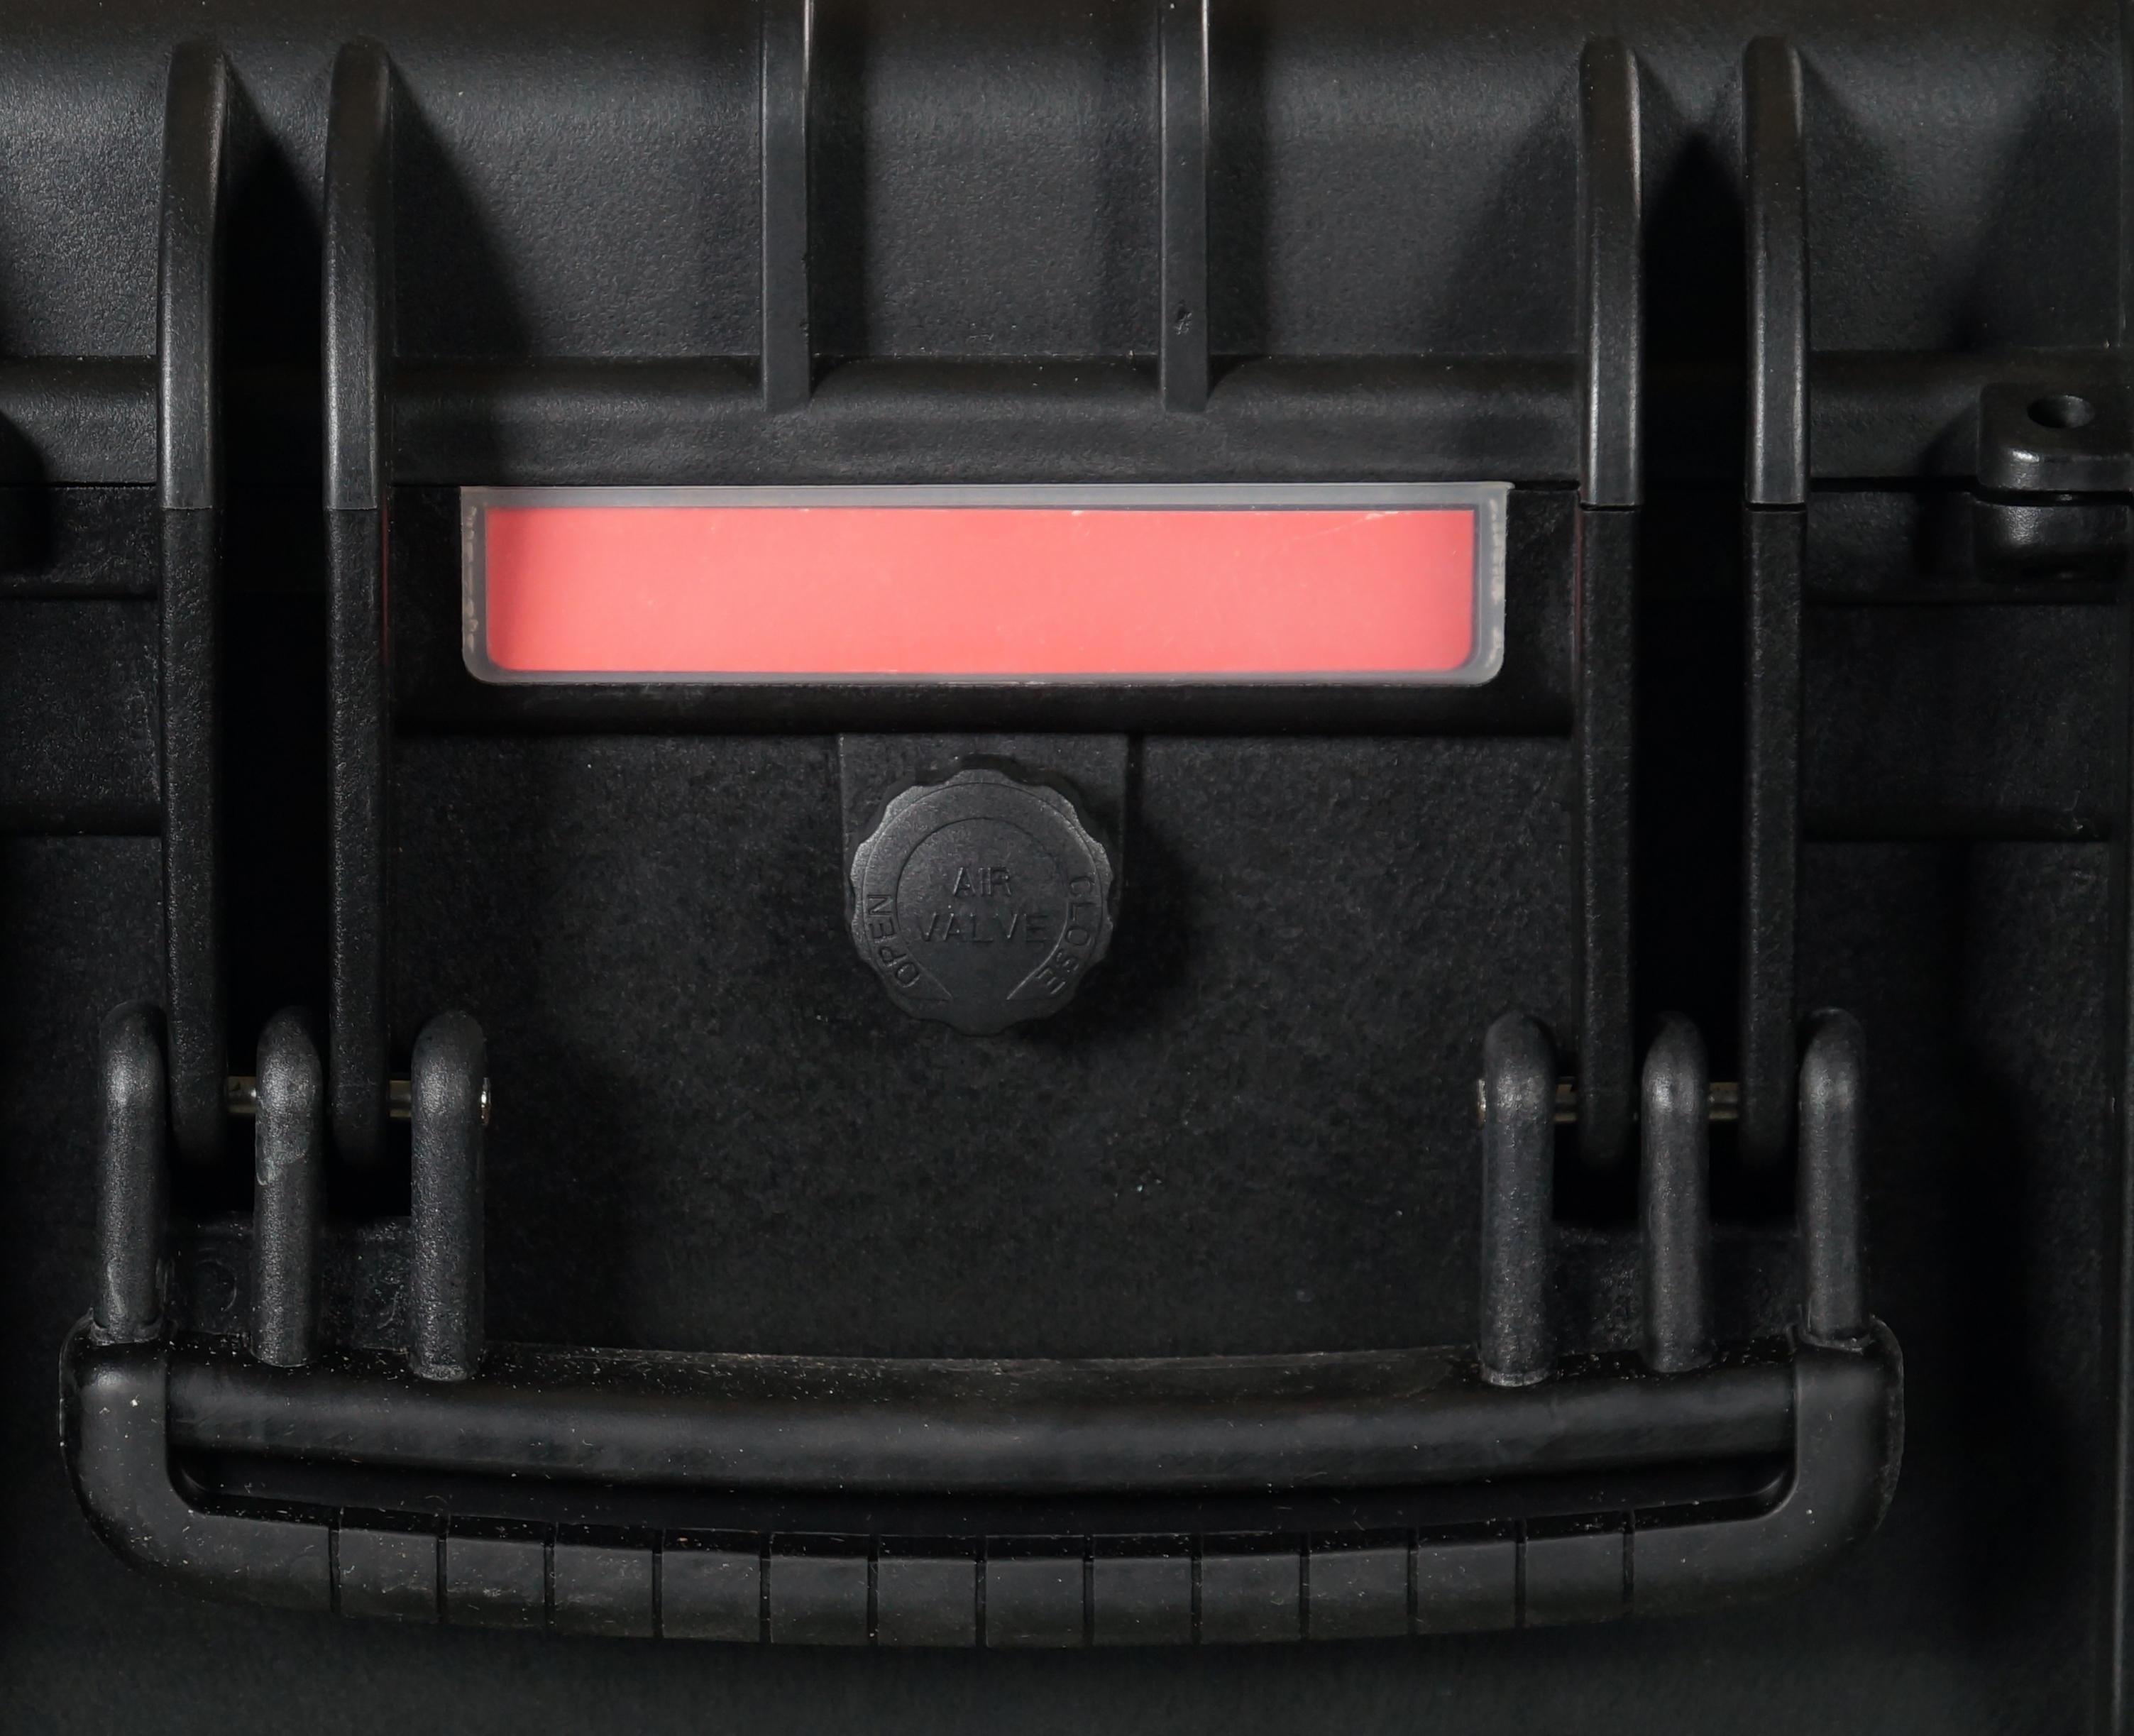 Case Rígido para Transporte de Equipamentos (54x40x25cm)